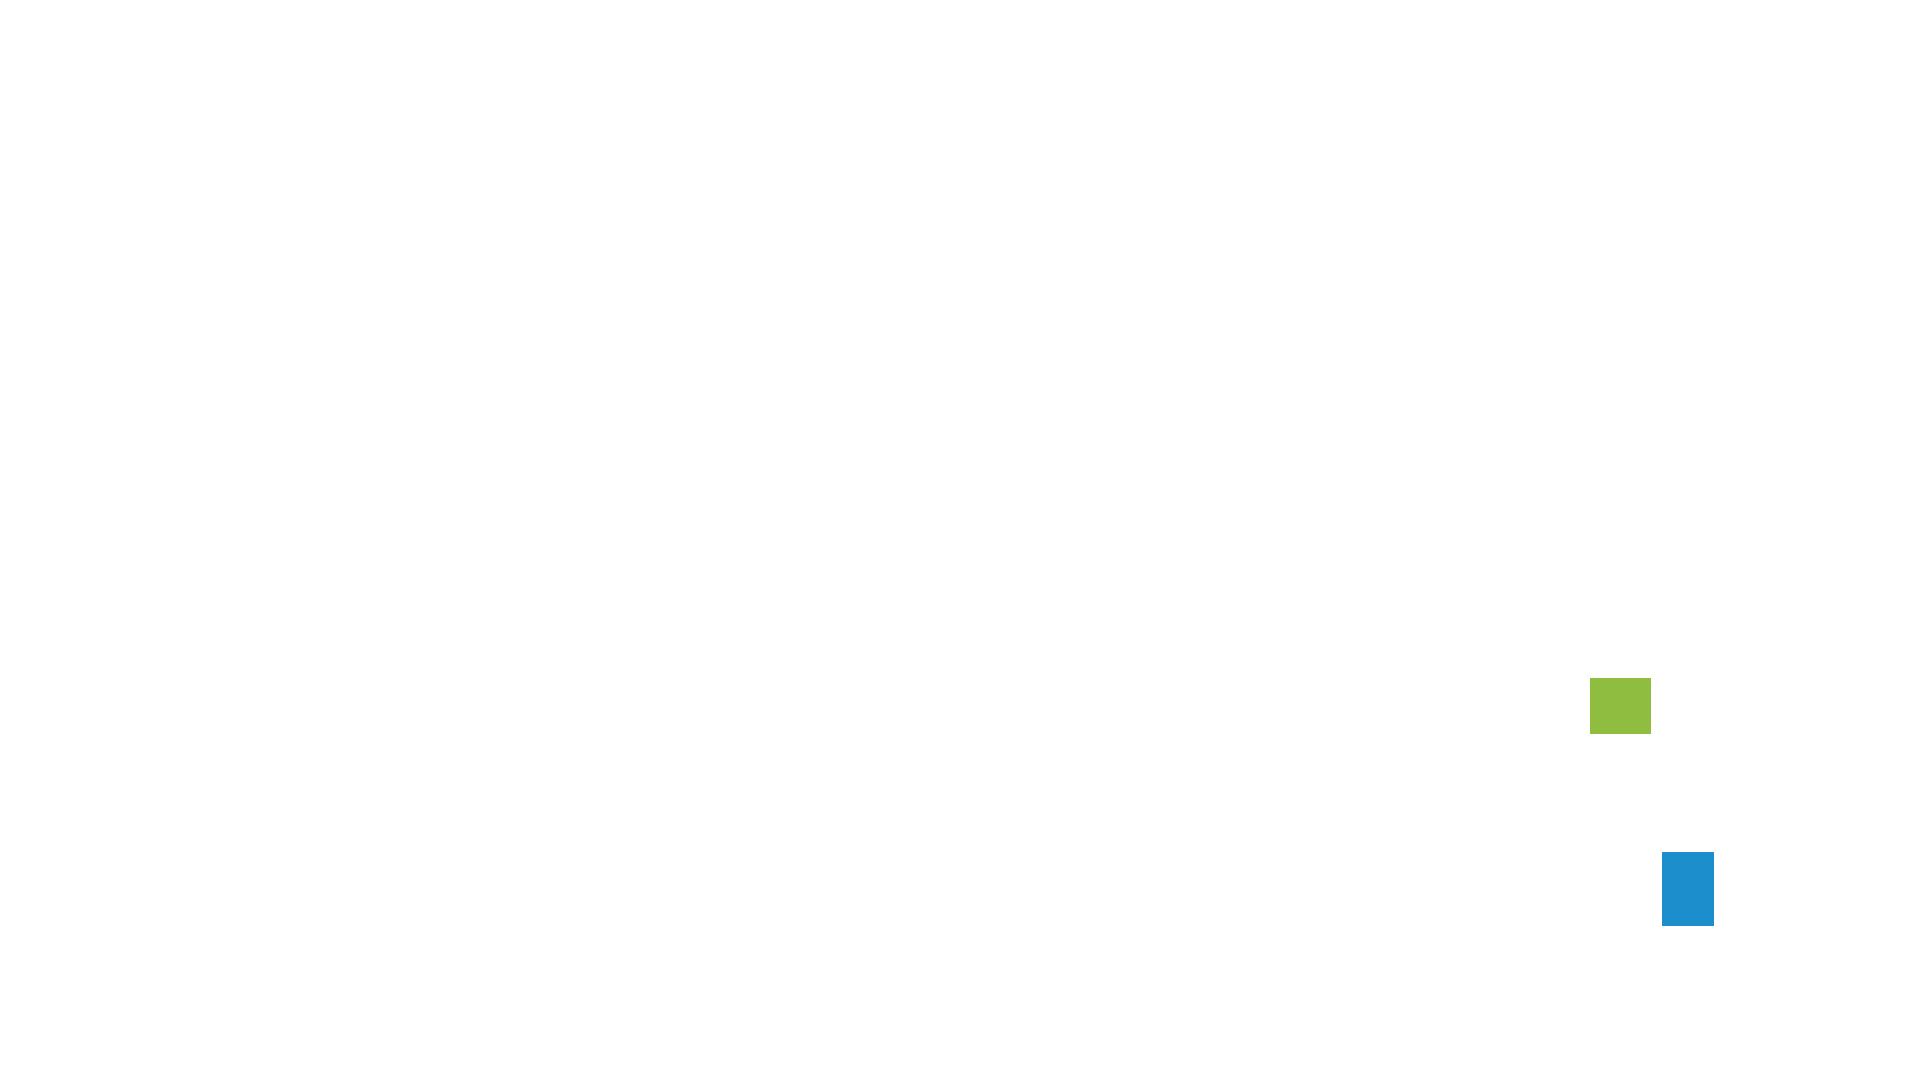 sMbanL1a